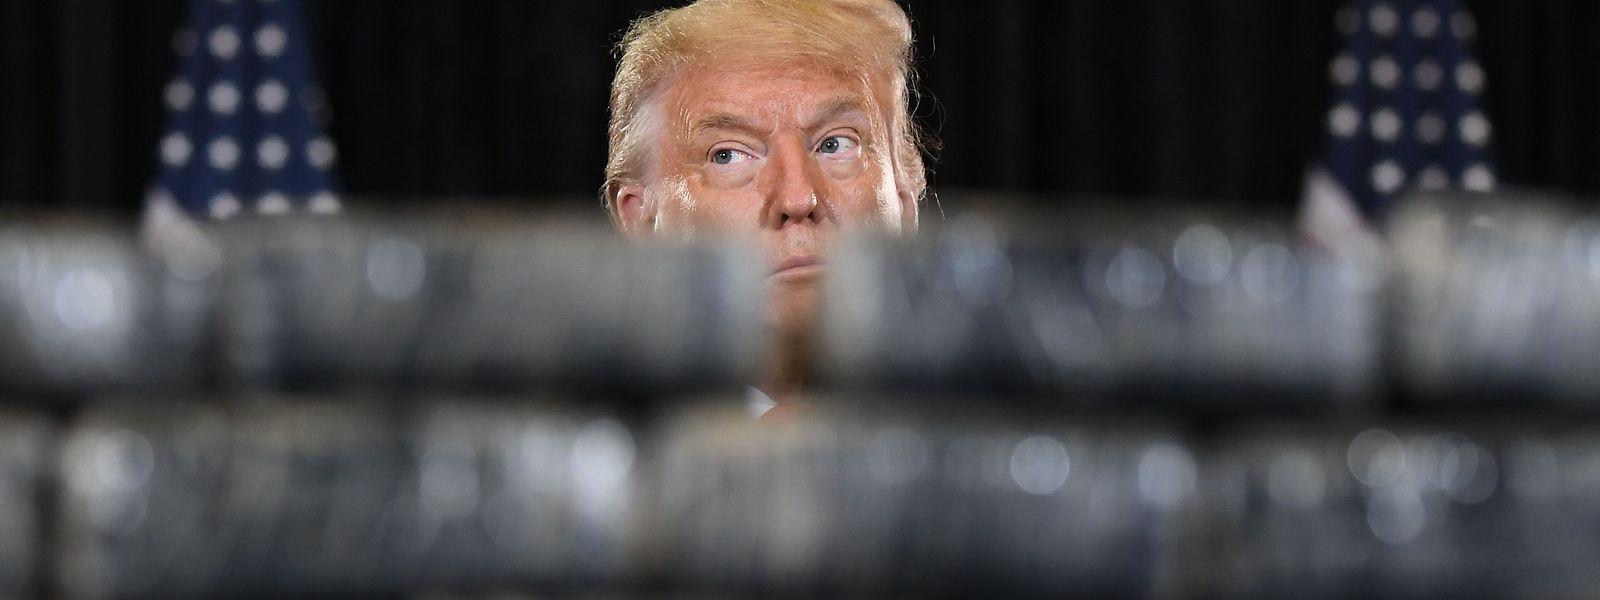 Trump beim Pressebriefing: Bis zum Wahltag könnten mehr als 200.000 US-Bürger an den Folgen einer Corona-Infektion sterben, schätzen Analysten.